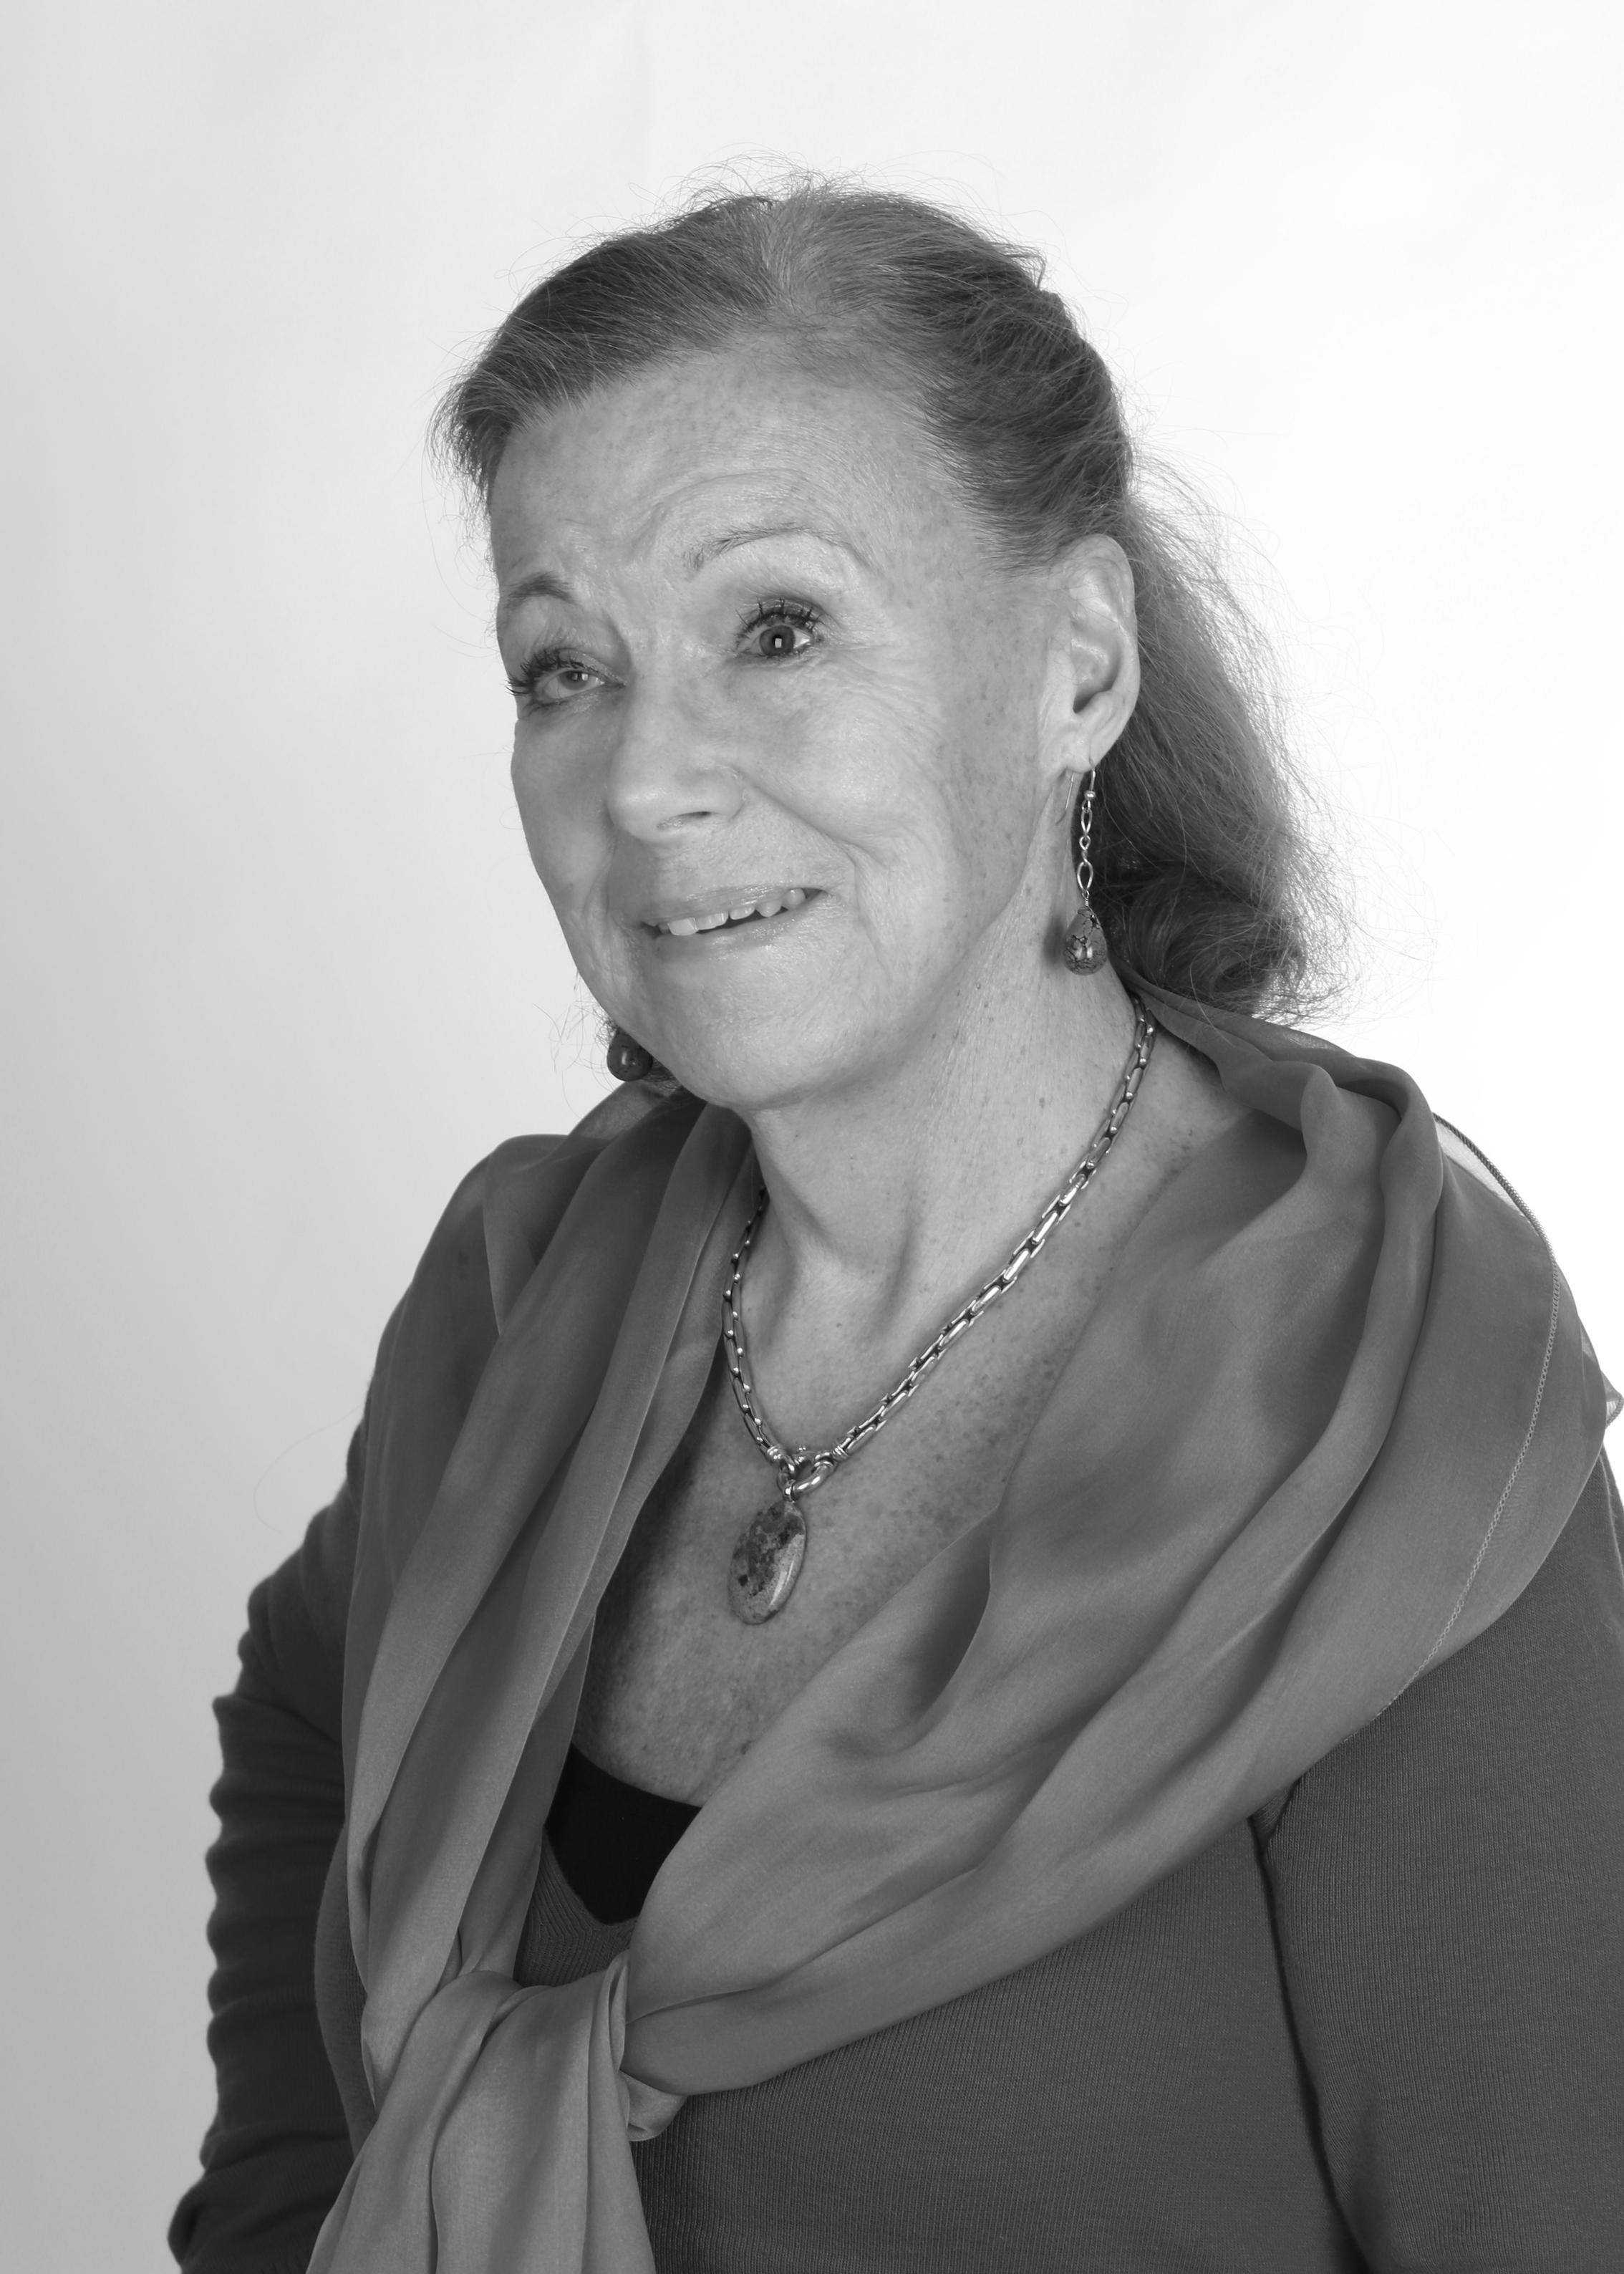 Prinzessin Christina, die jüngste Schwester von Prinzessin Beatrix, ist im Alter von 72 Jahren an Knochenkrebs gestorben.  © RVD - Emannuela Loddo